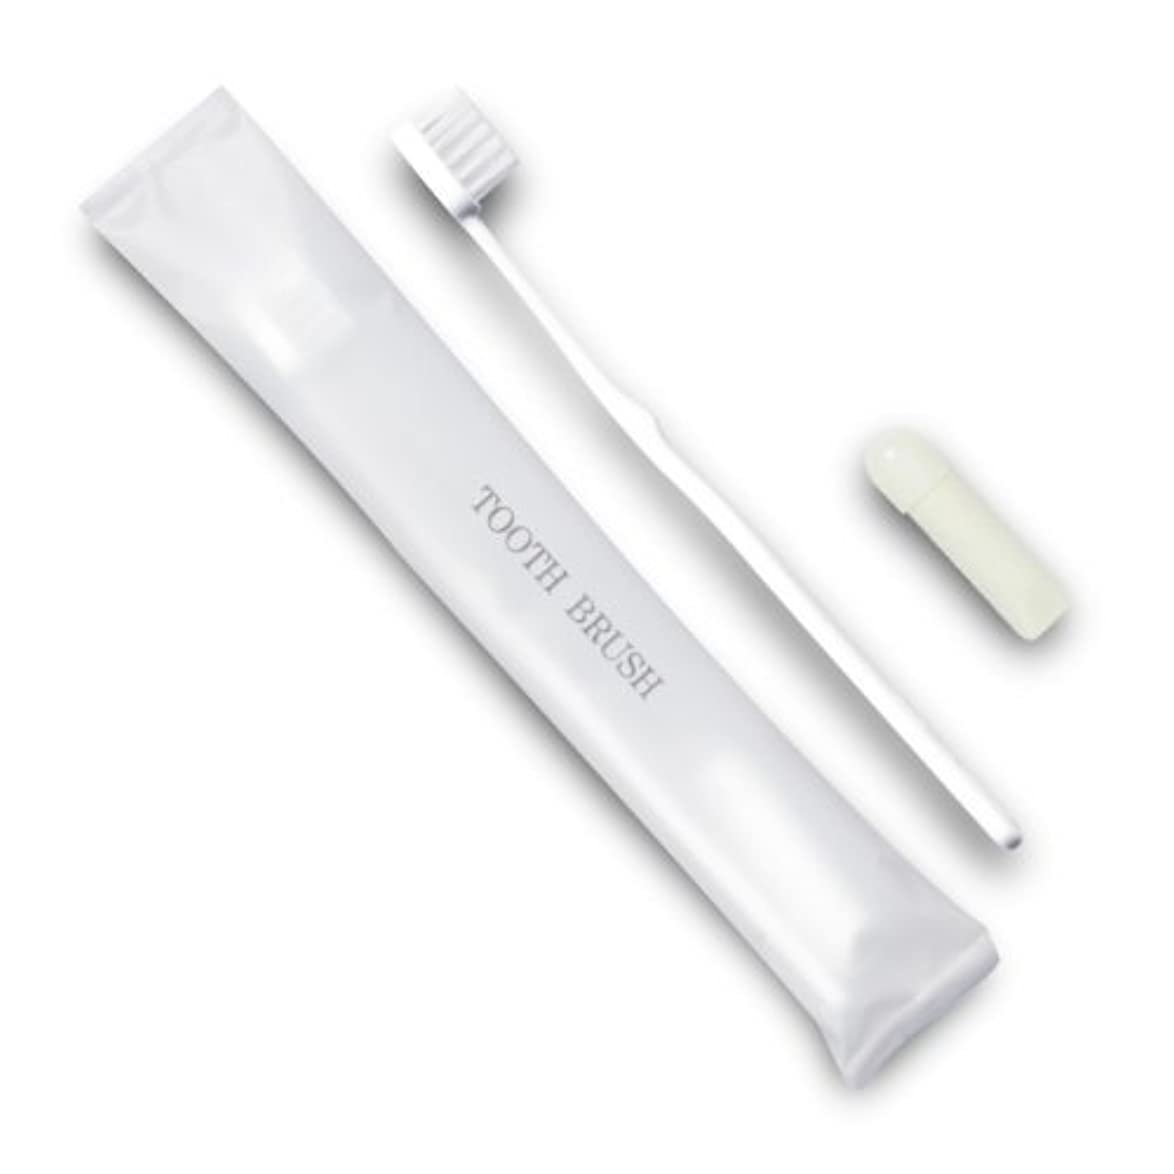 件名シェーバー物理ホテル業務用歯ブラシ21穴(白)3gチューブ マット袋FタイプDX 700本